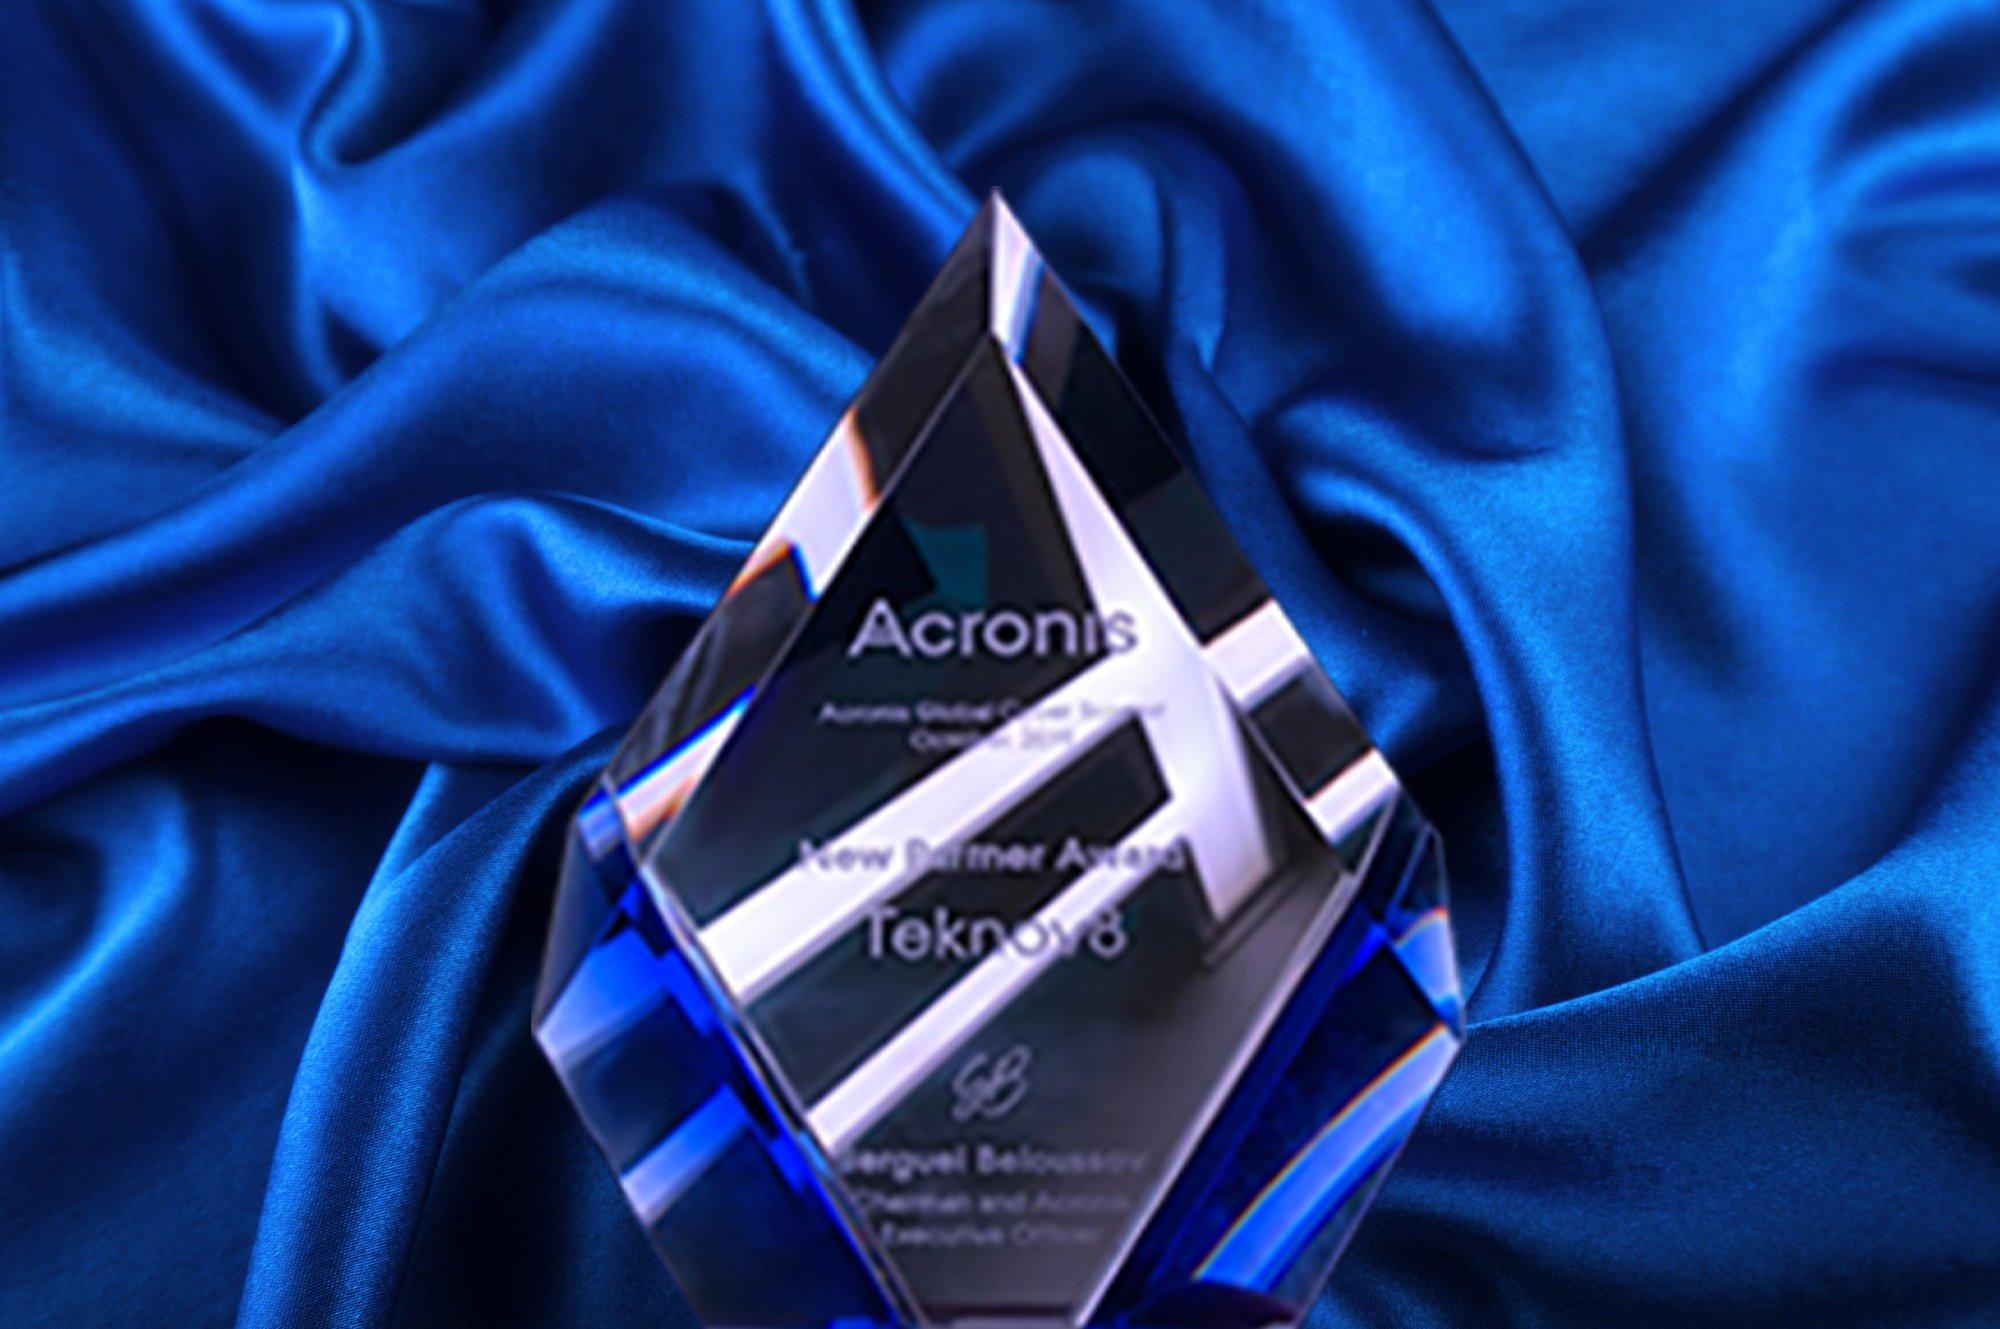 Acronis Award